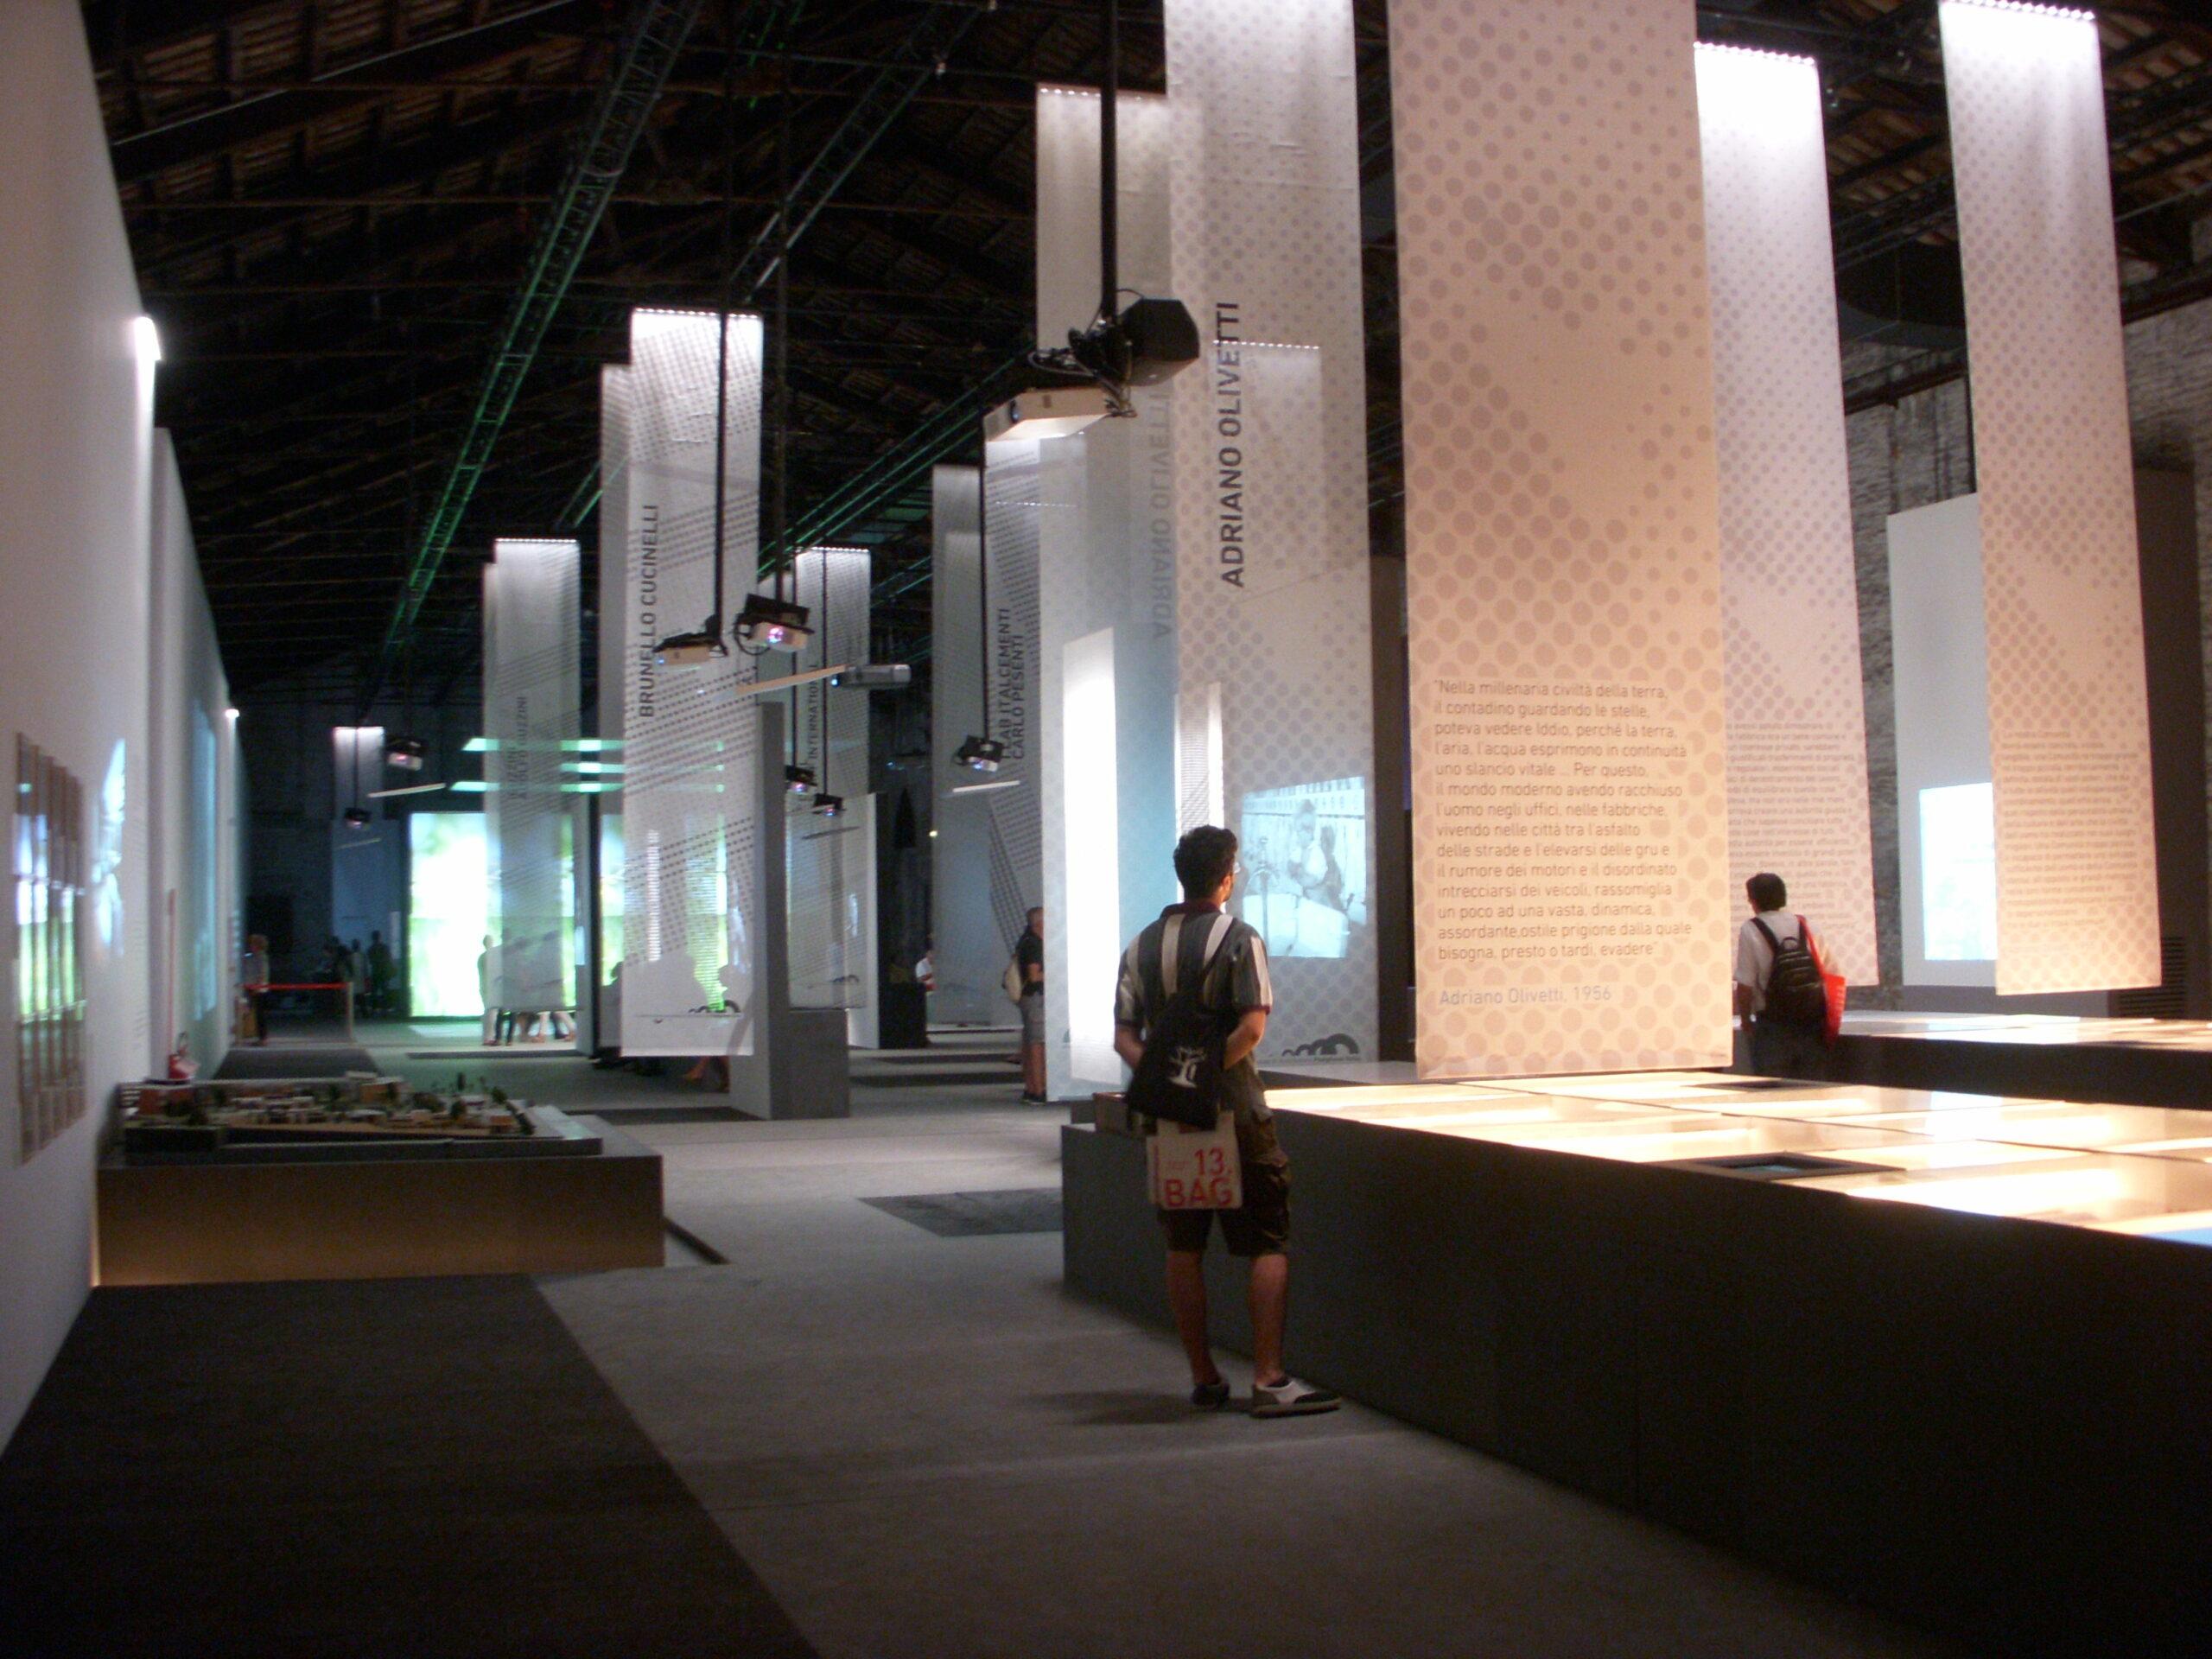 Adriano Olivetti Biennale di Venezia